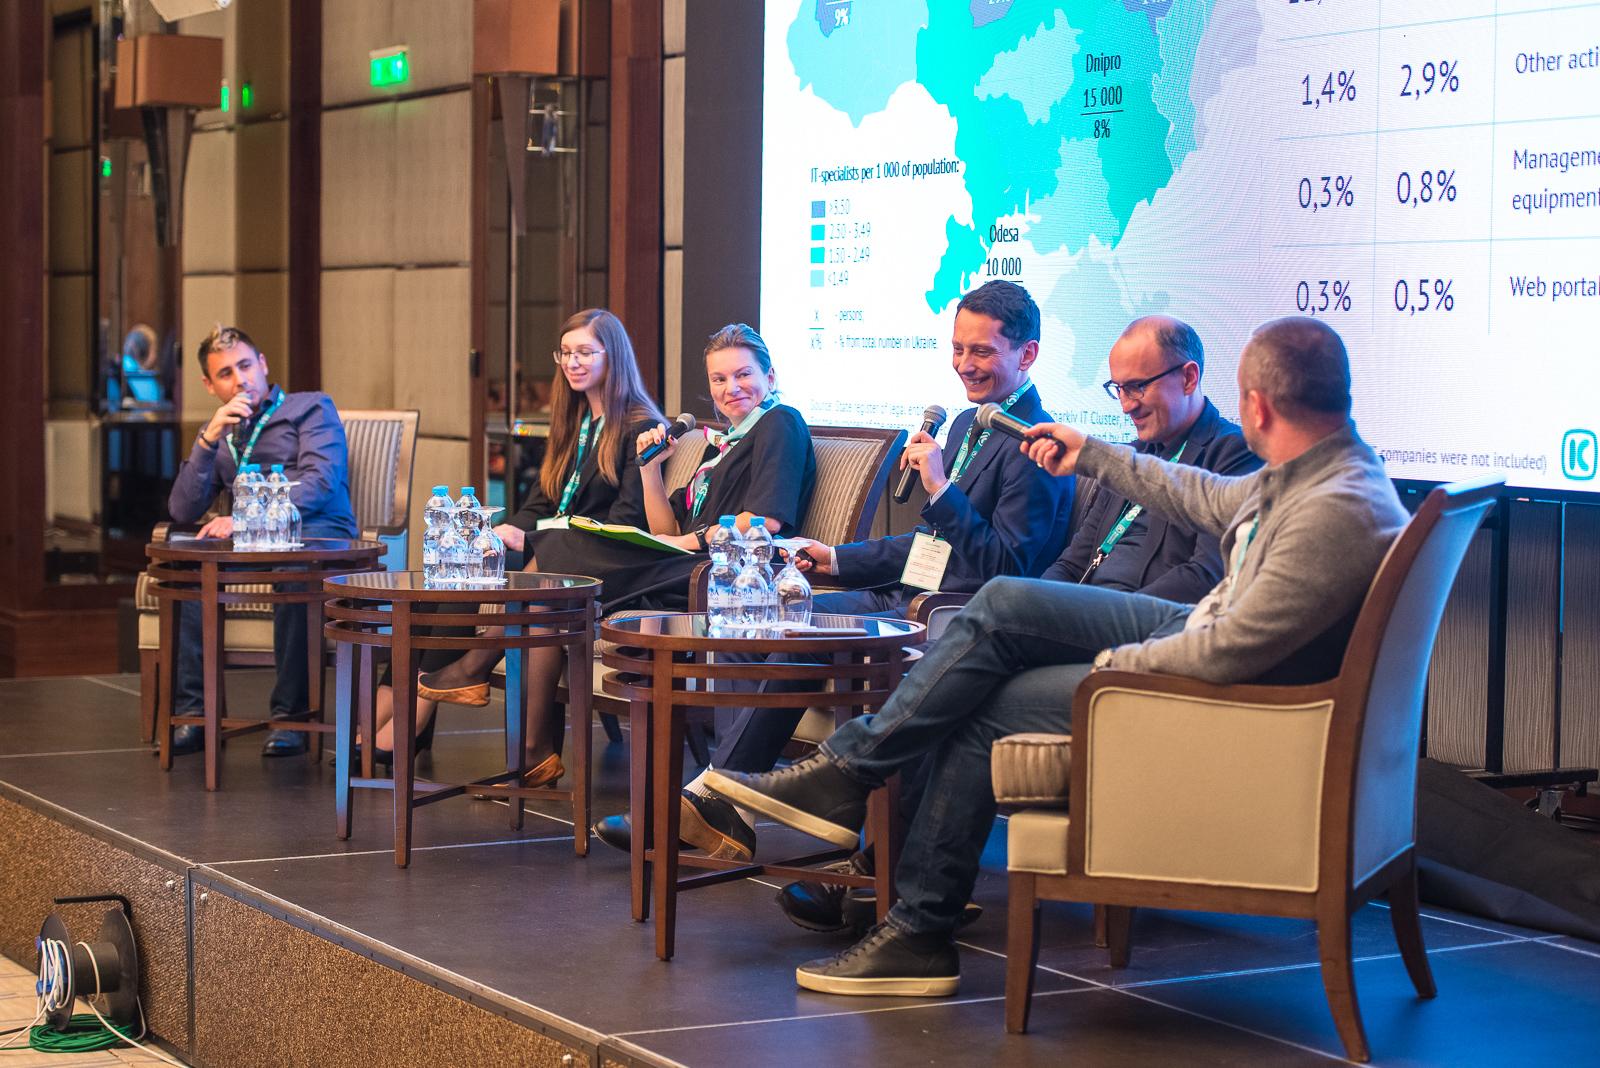 DSC_2409 KHARKIV IT-RESEARCH: 25 000 IT-фахівців, більш ніж 450 компаній у галузі та 5 млрд гривень податків до бюджету України